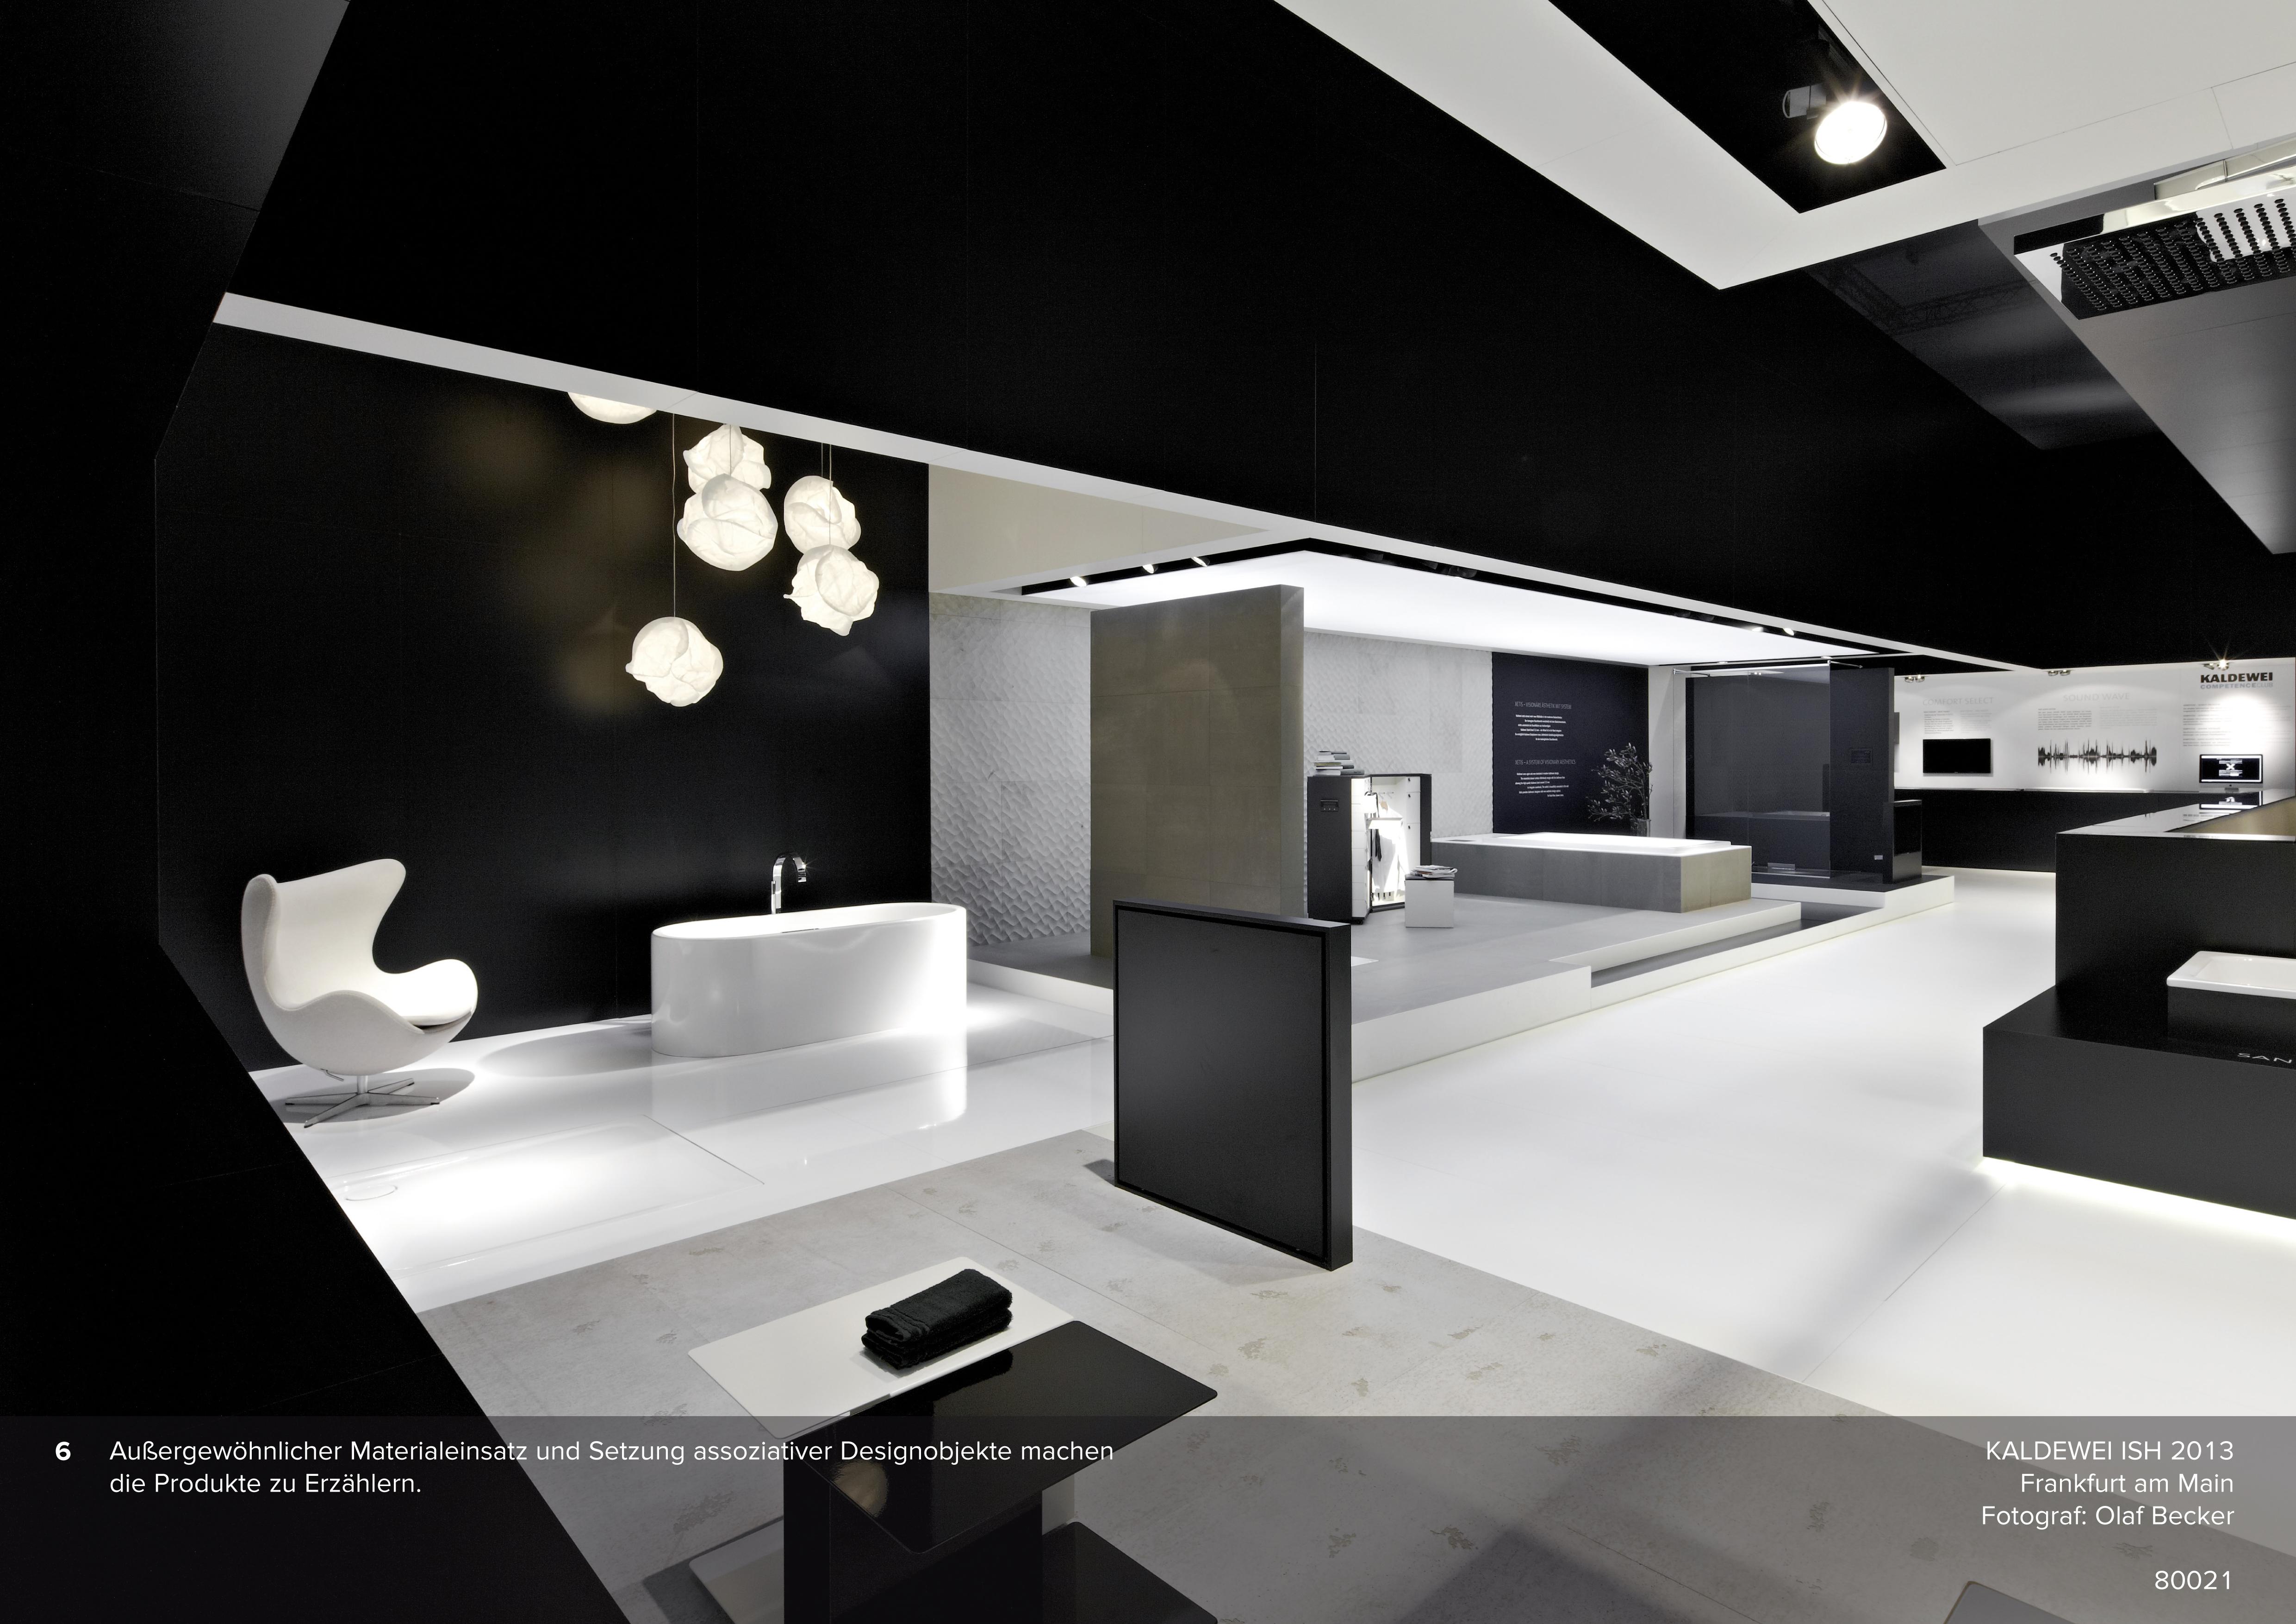 deutscher innenarchitektur preis 2014 26 weitere auszeichnungen bund deutscher. Black Bedroom Furniture Sets. Home Design Ideas